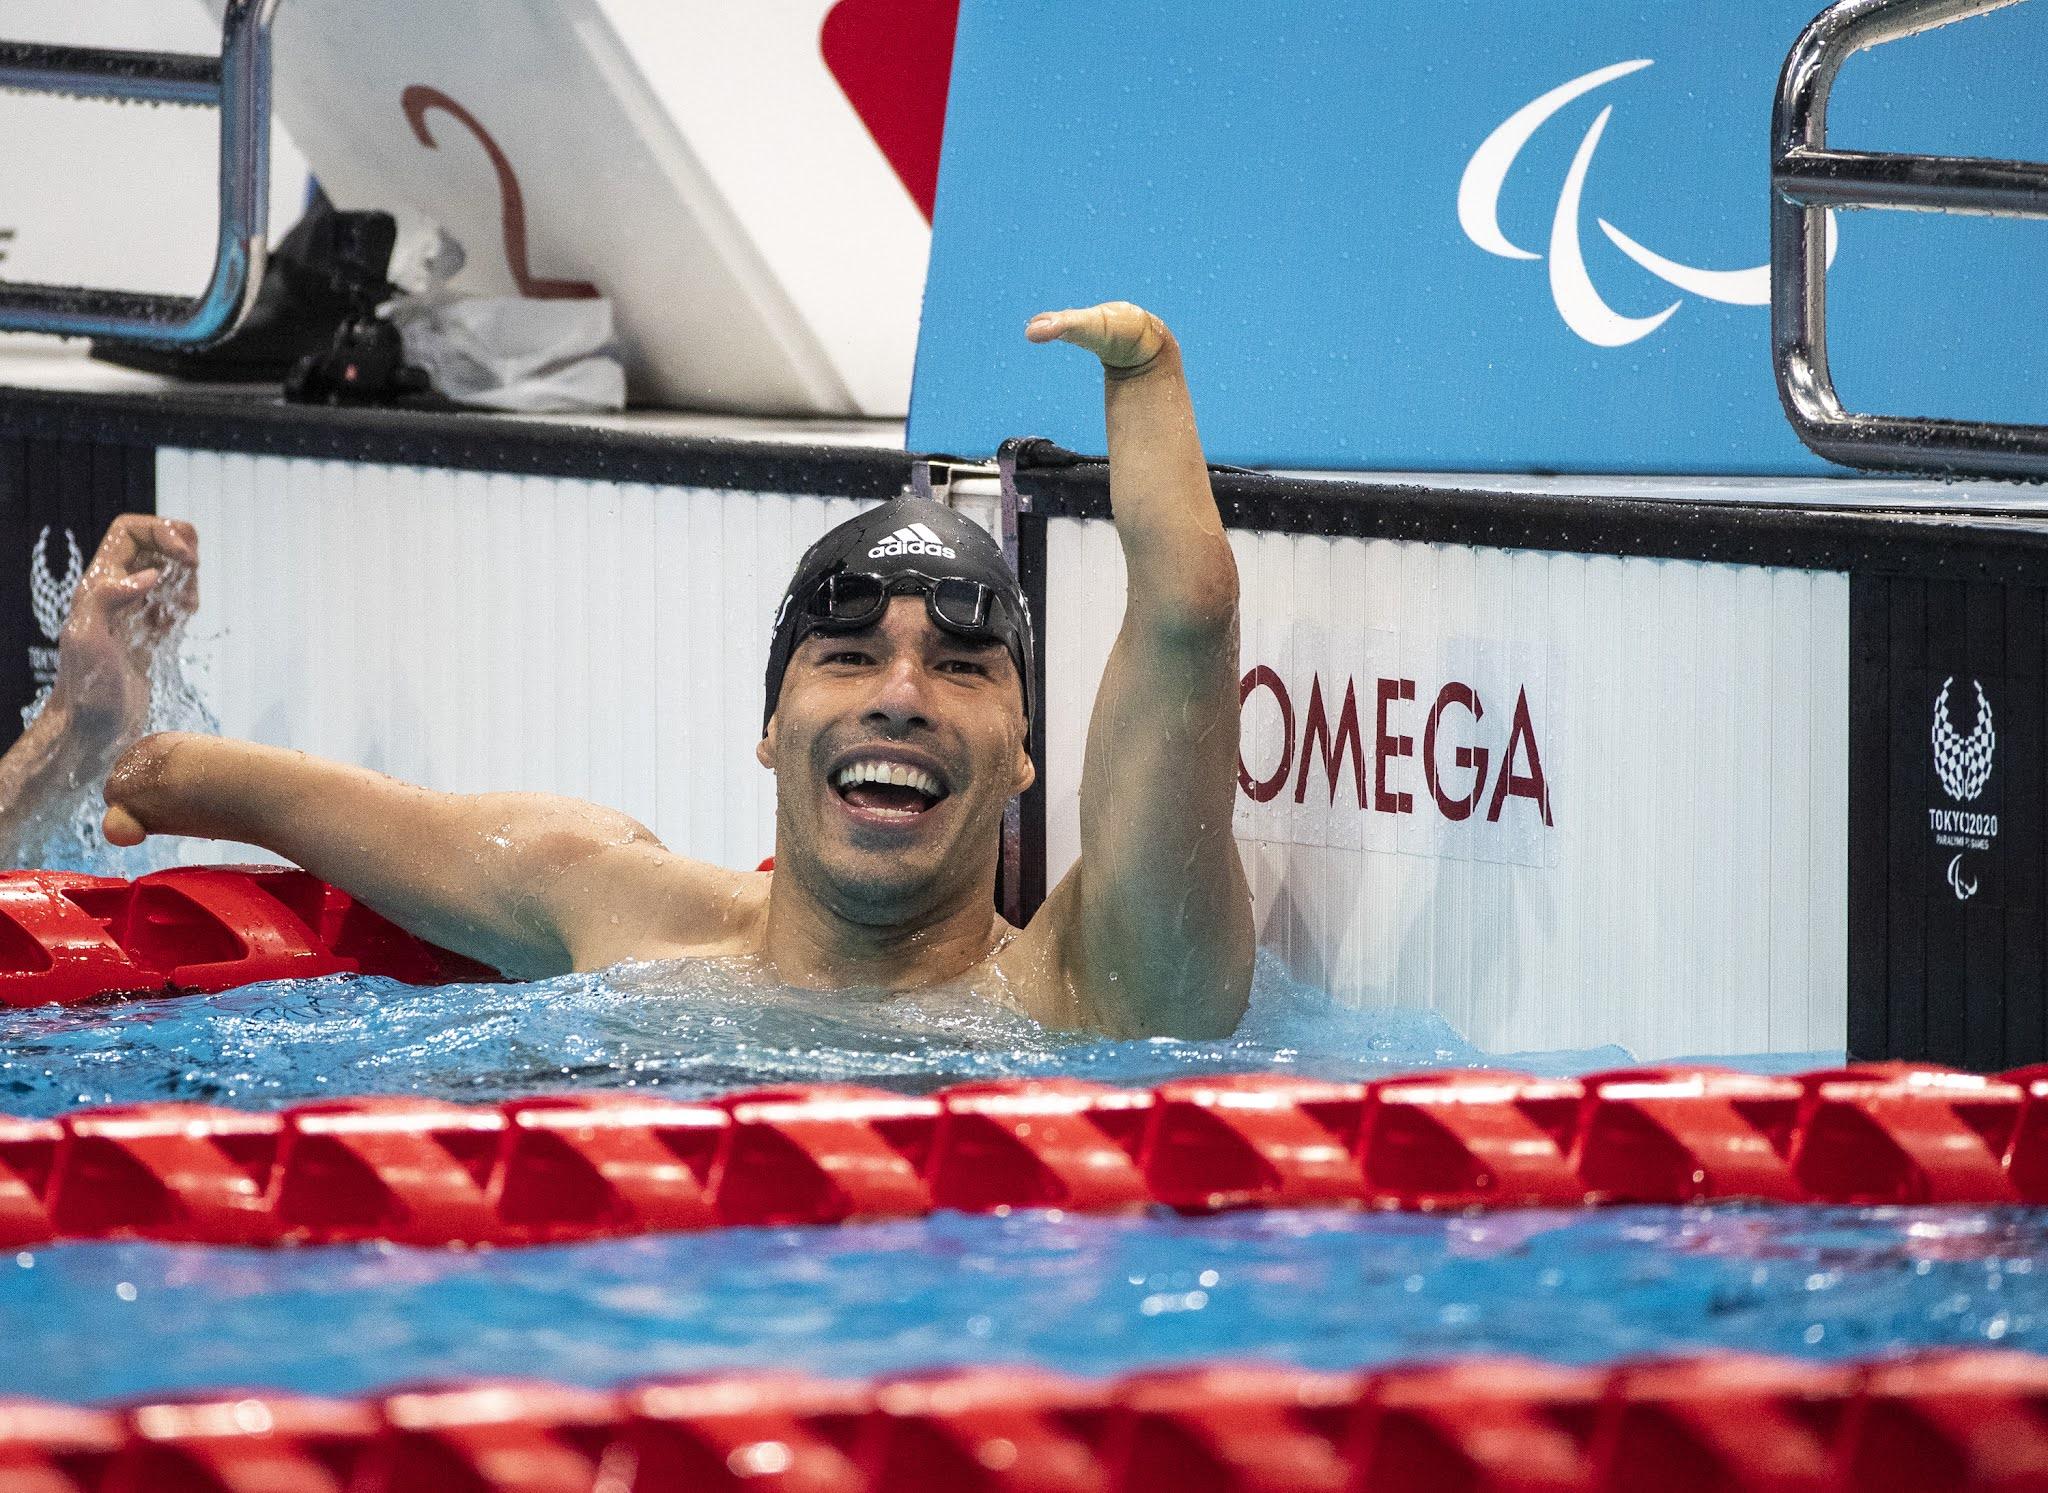 Daniel Dias ergue o punho em comemoração após um bronze em Tóquio